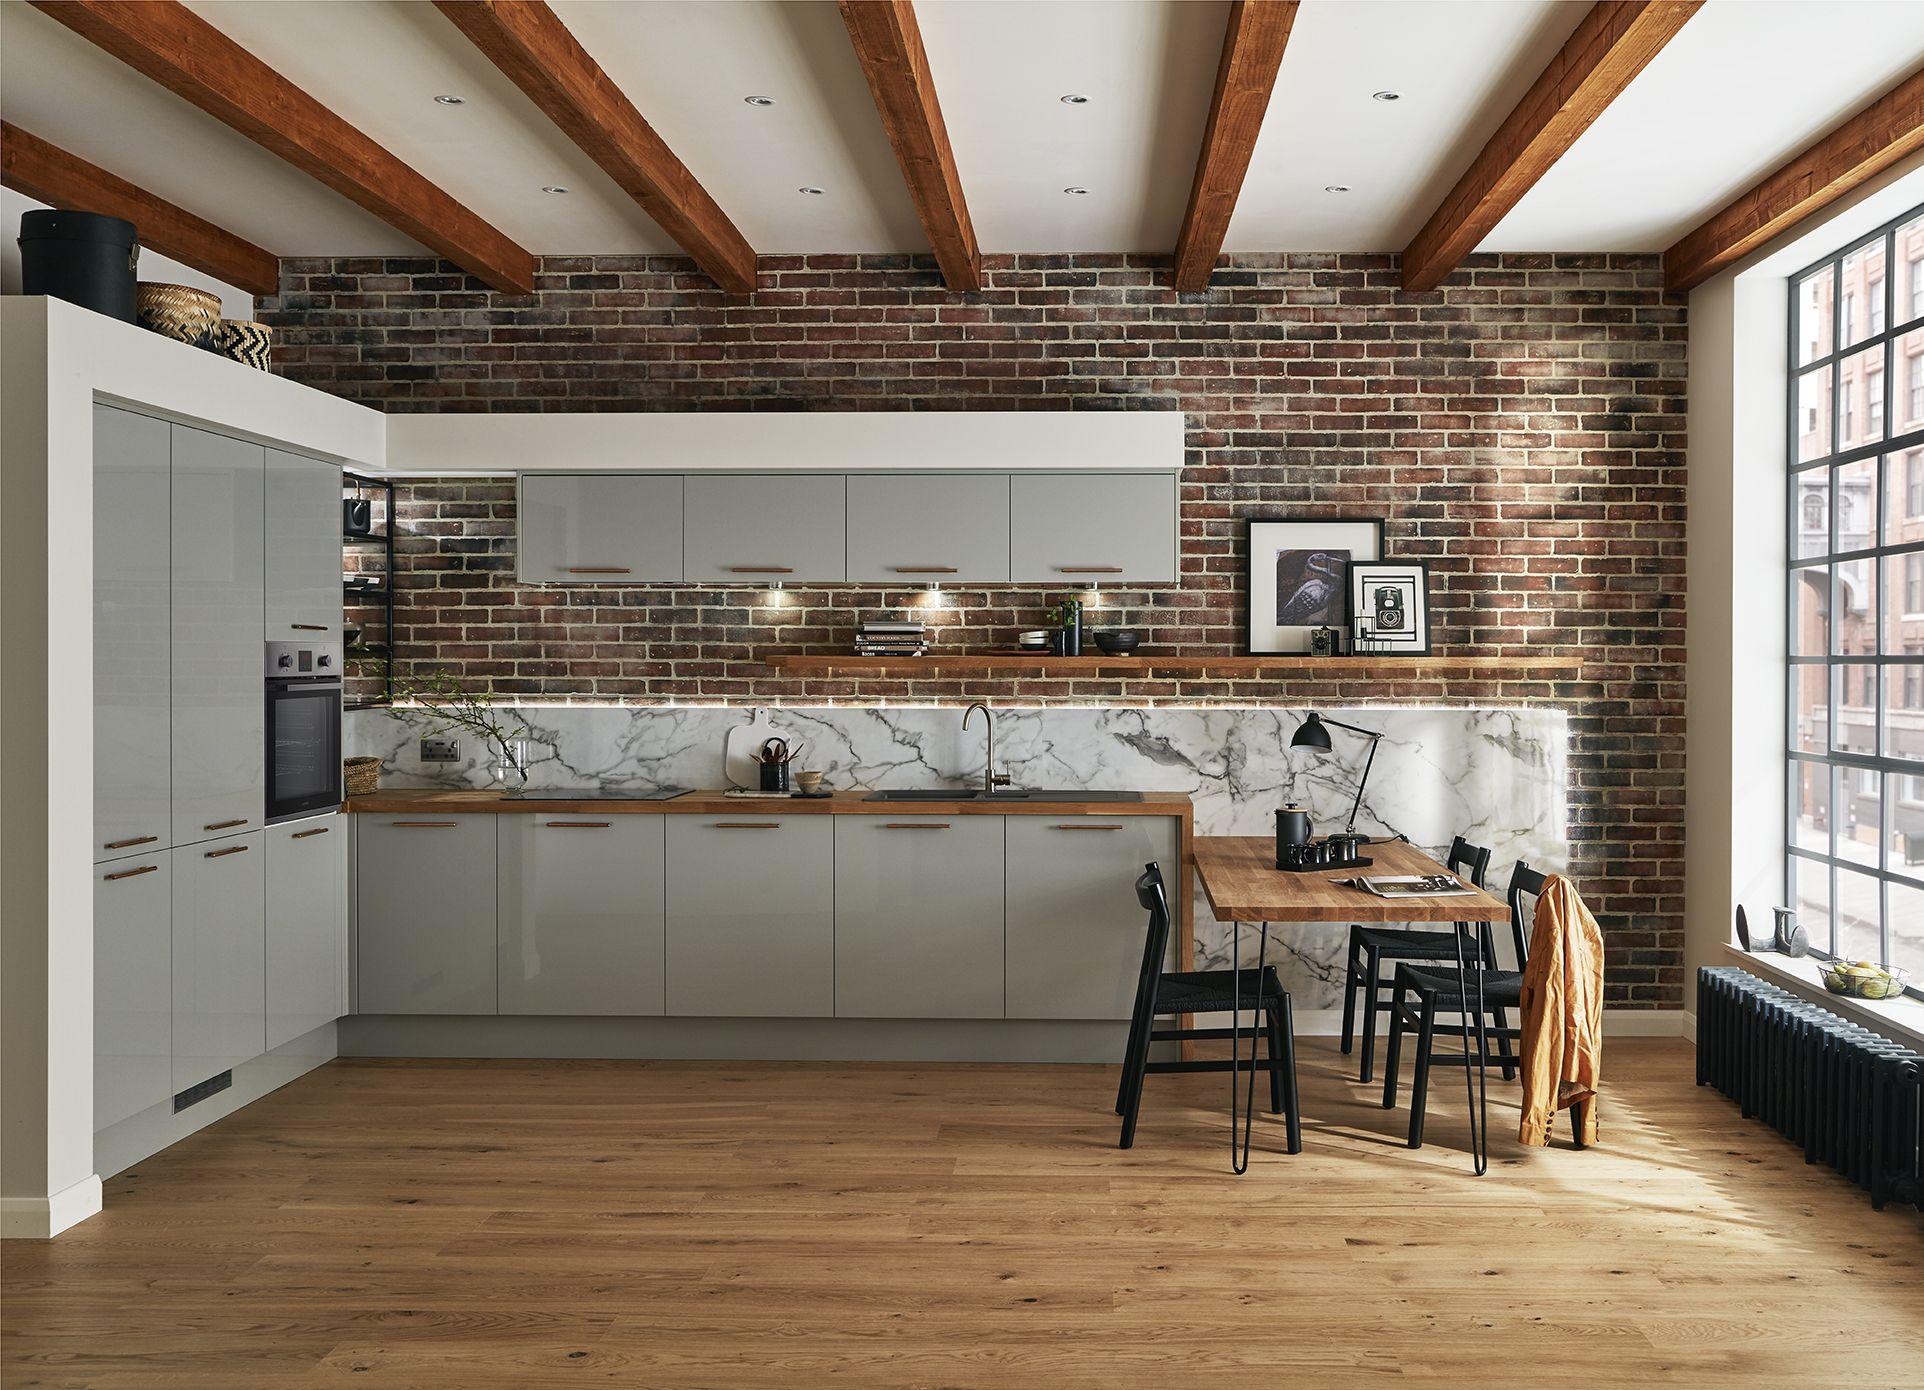 Kitchens Modern Kitchen Cabinet Design Kitchen Renovation Trends Kitchen Cabinet Design